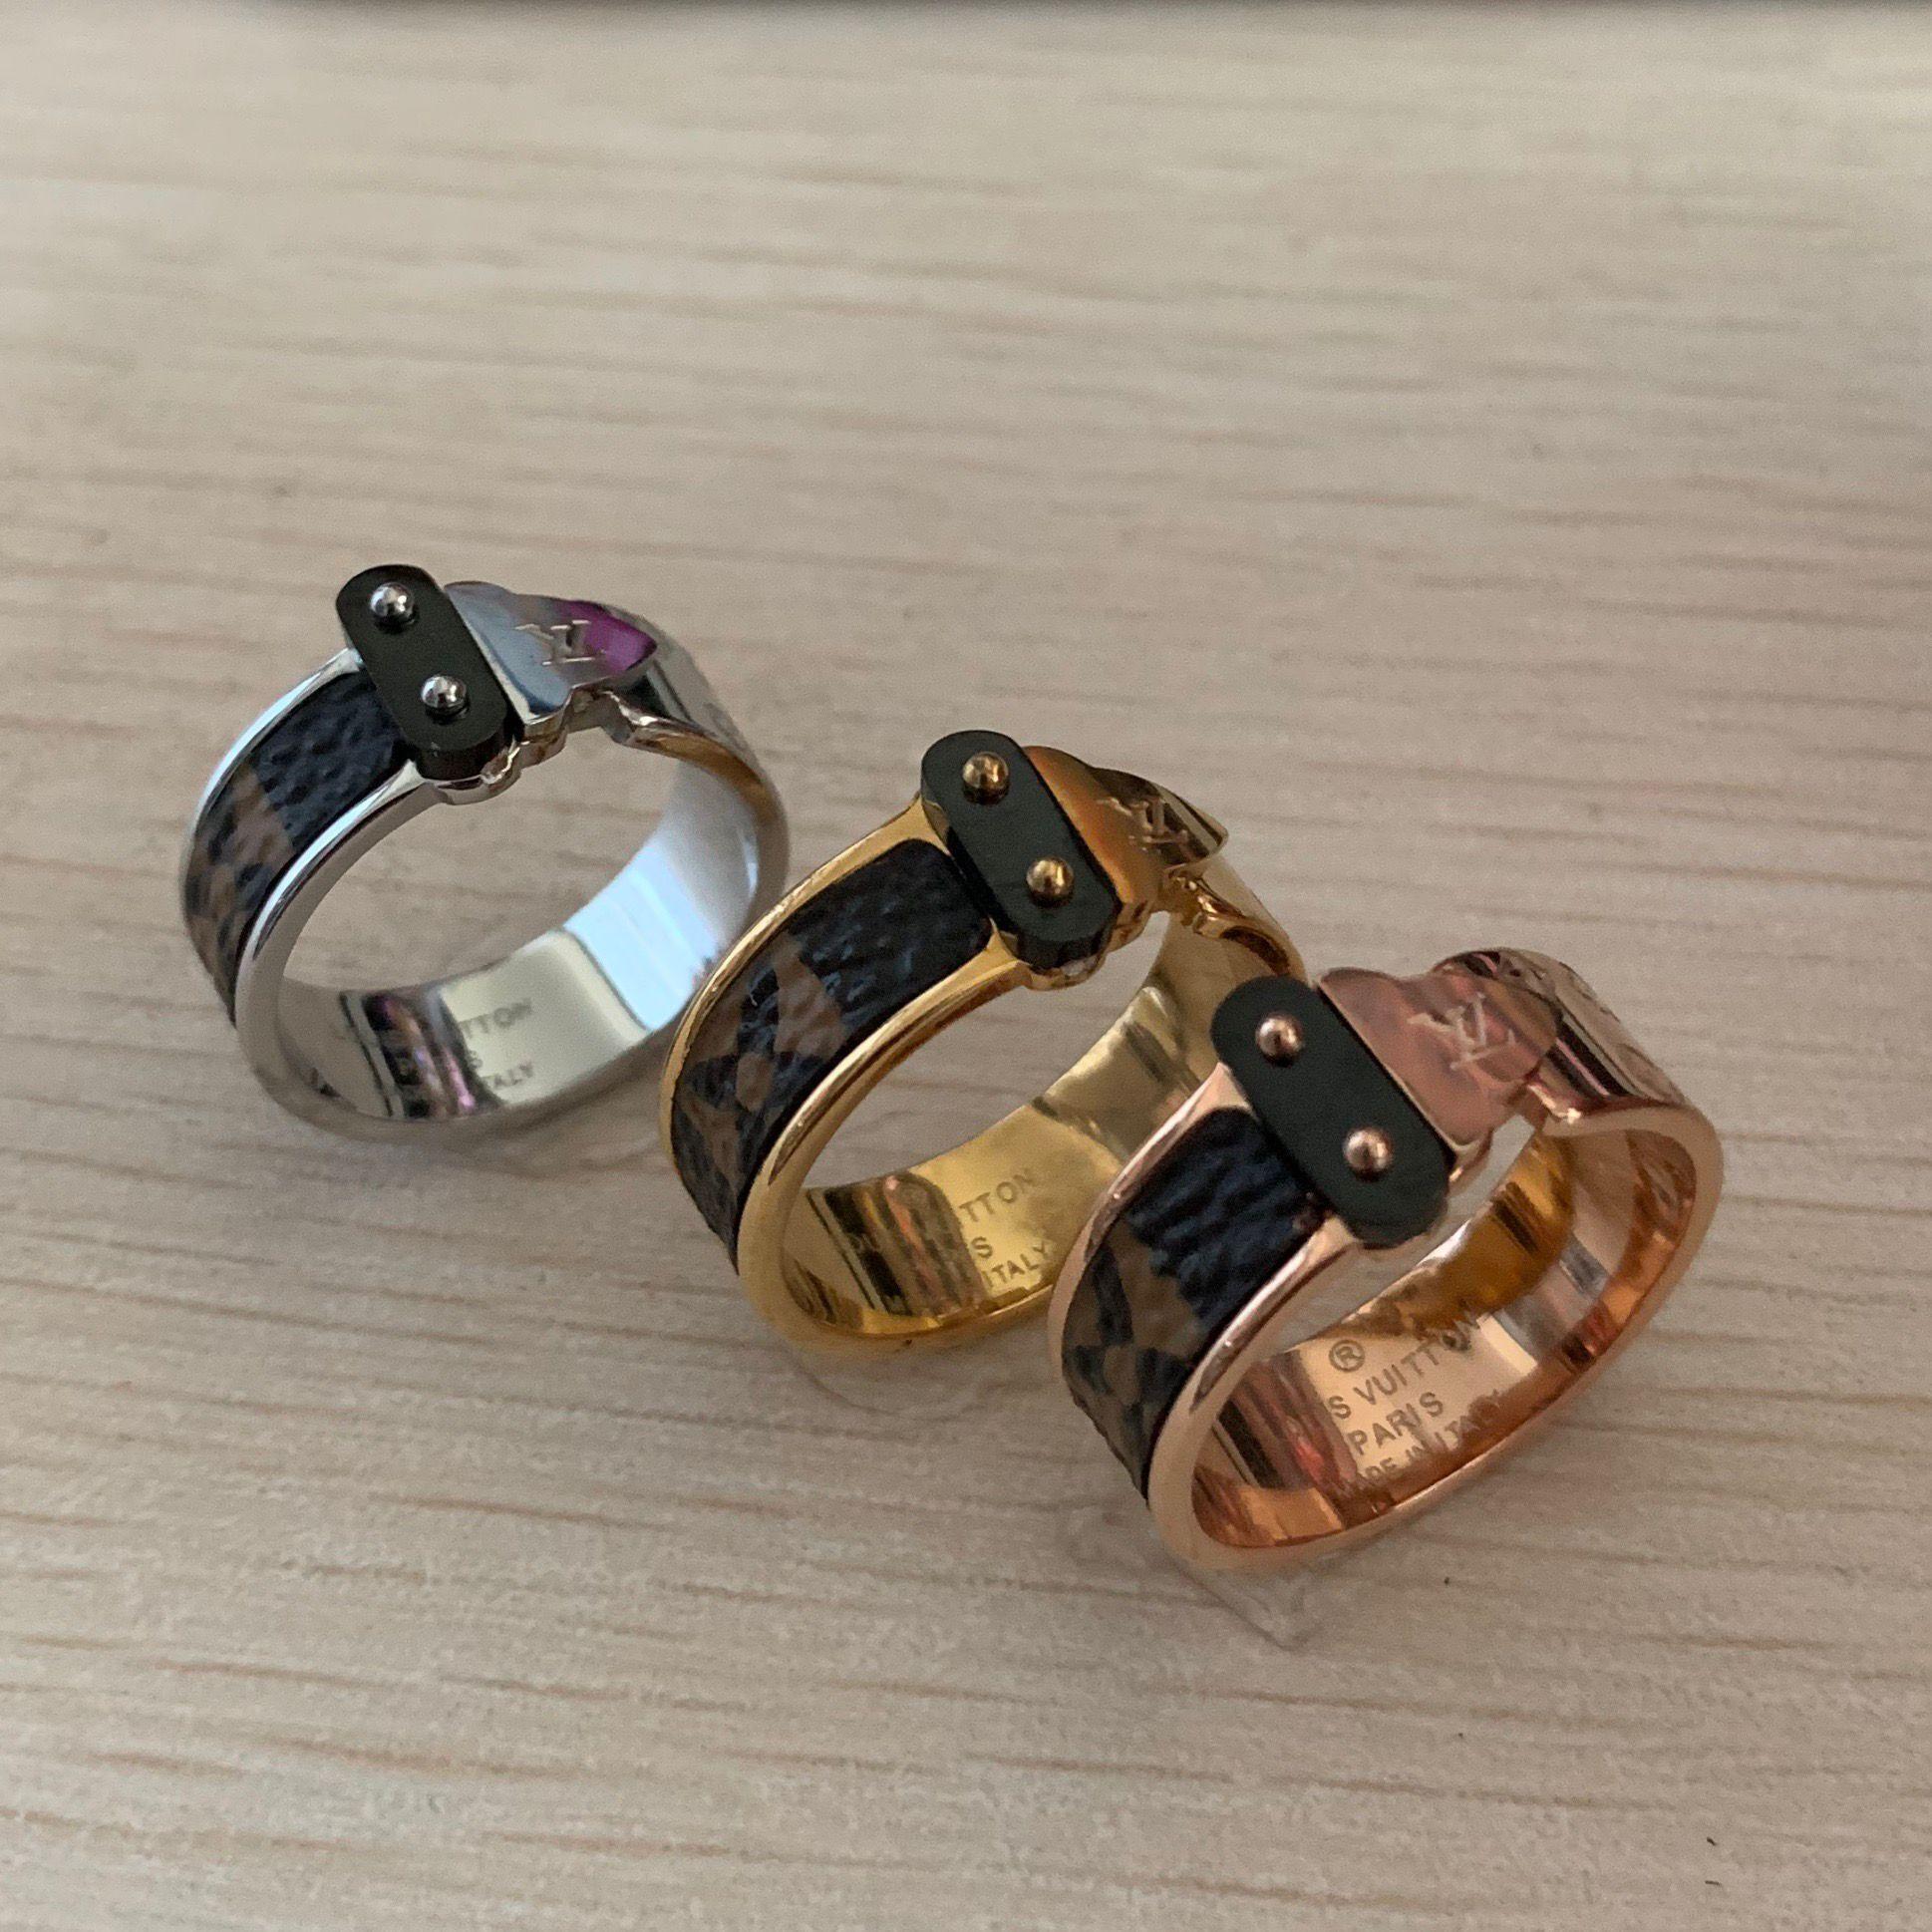 عالية الجودة ارتفع 316 L التيتانيوم الصلب 18K الذهب والفضة السهم رسالة حب خاتم الزواج خاتم زهرة الجلدية للرجال والنساء